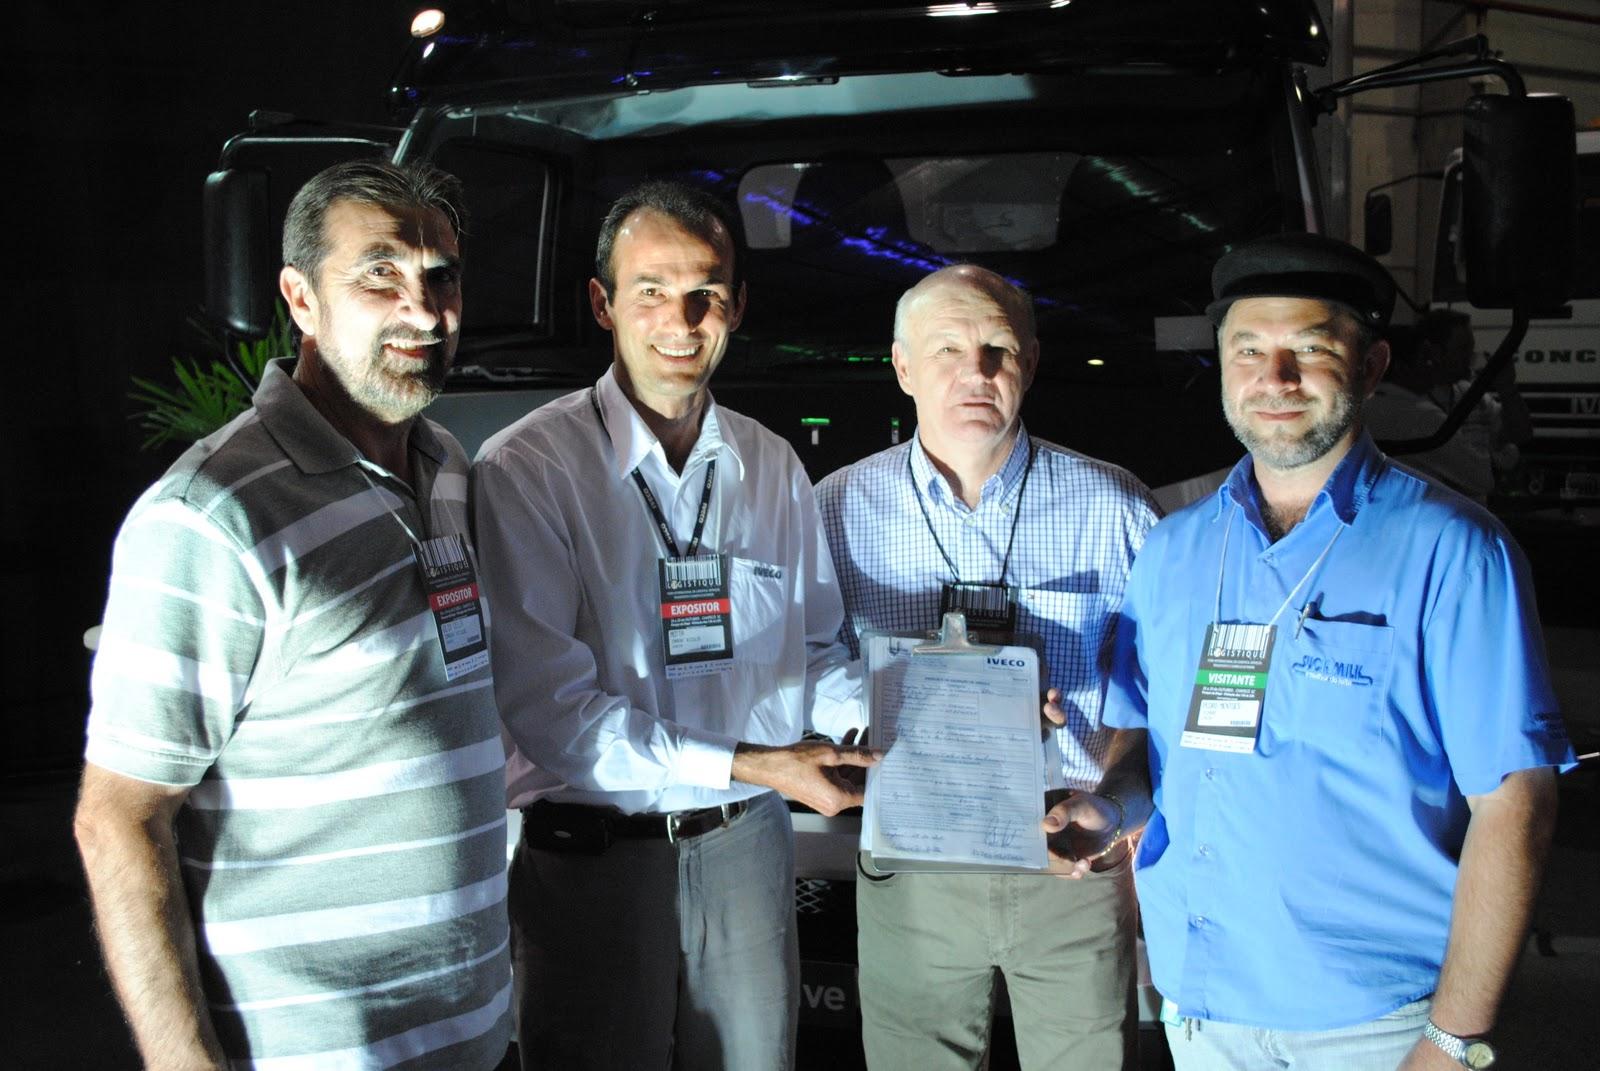 LOGISTIQUE - Feira gera visibilidade e alavanca negócios para a Carboni Iveco DSC 1347